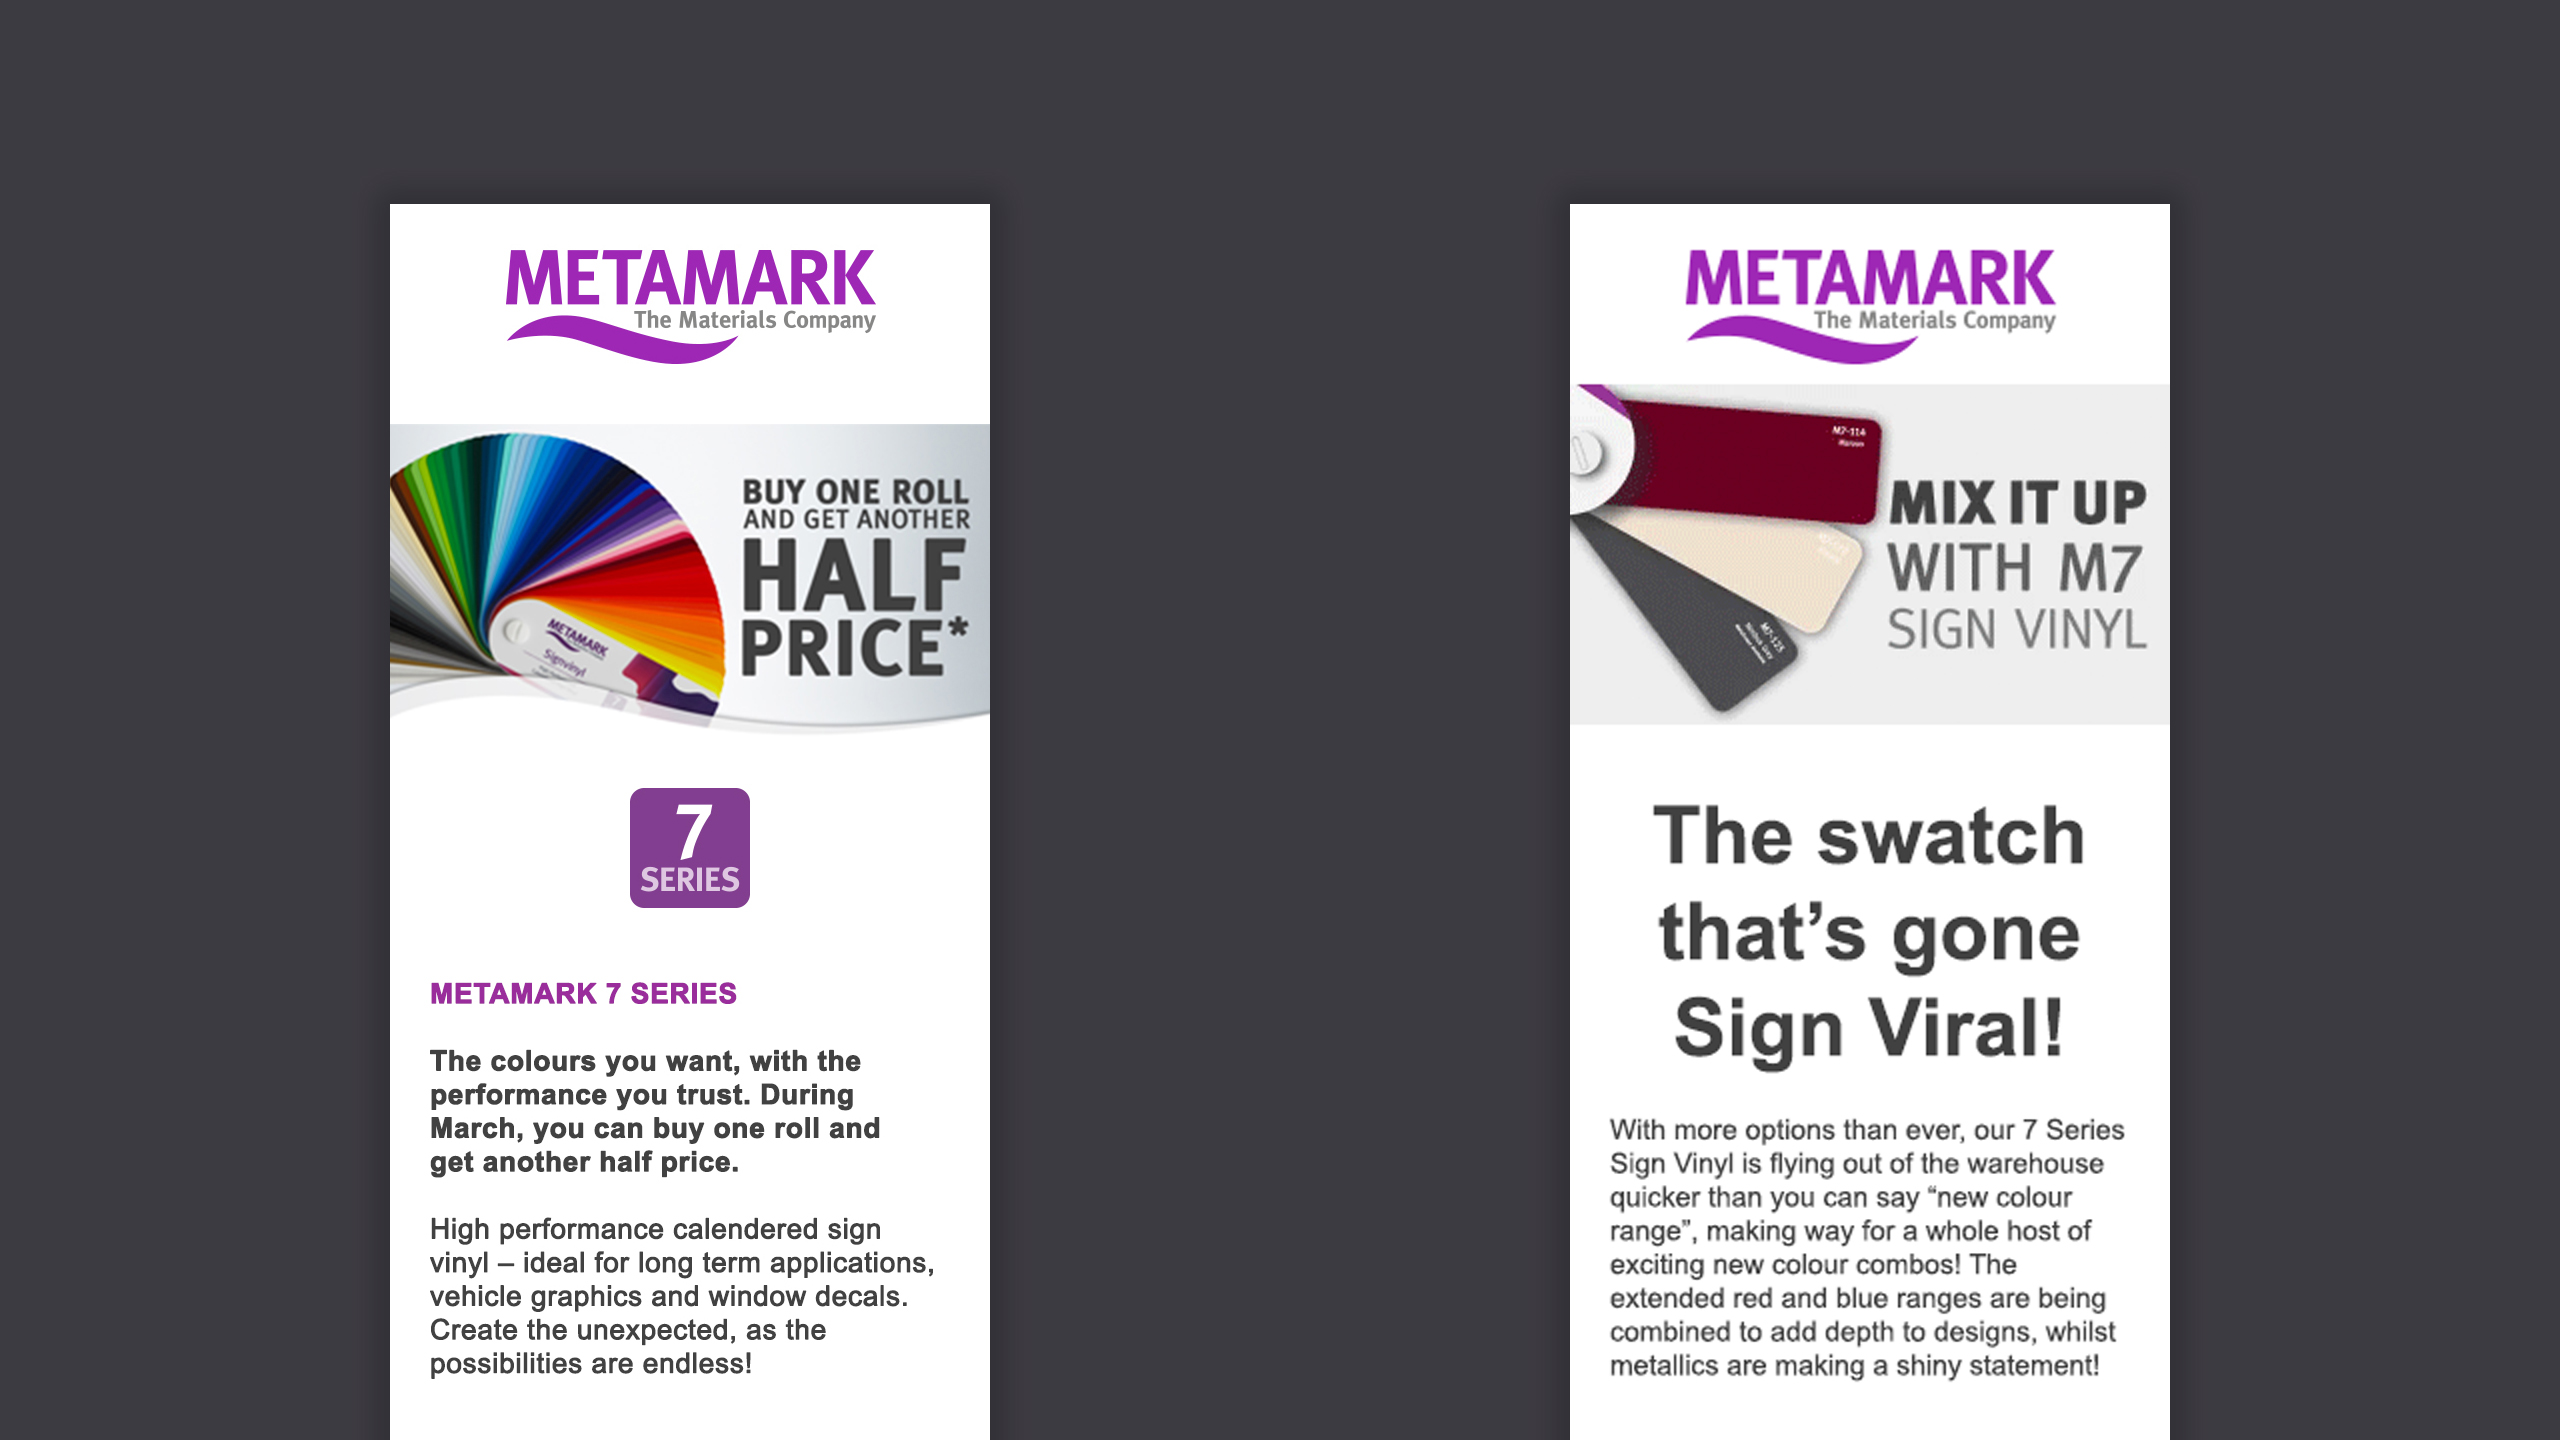 metamark-email-digital